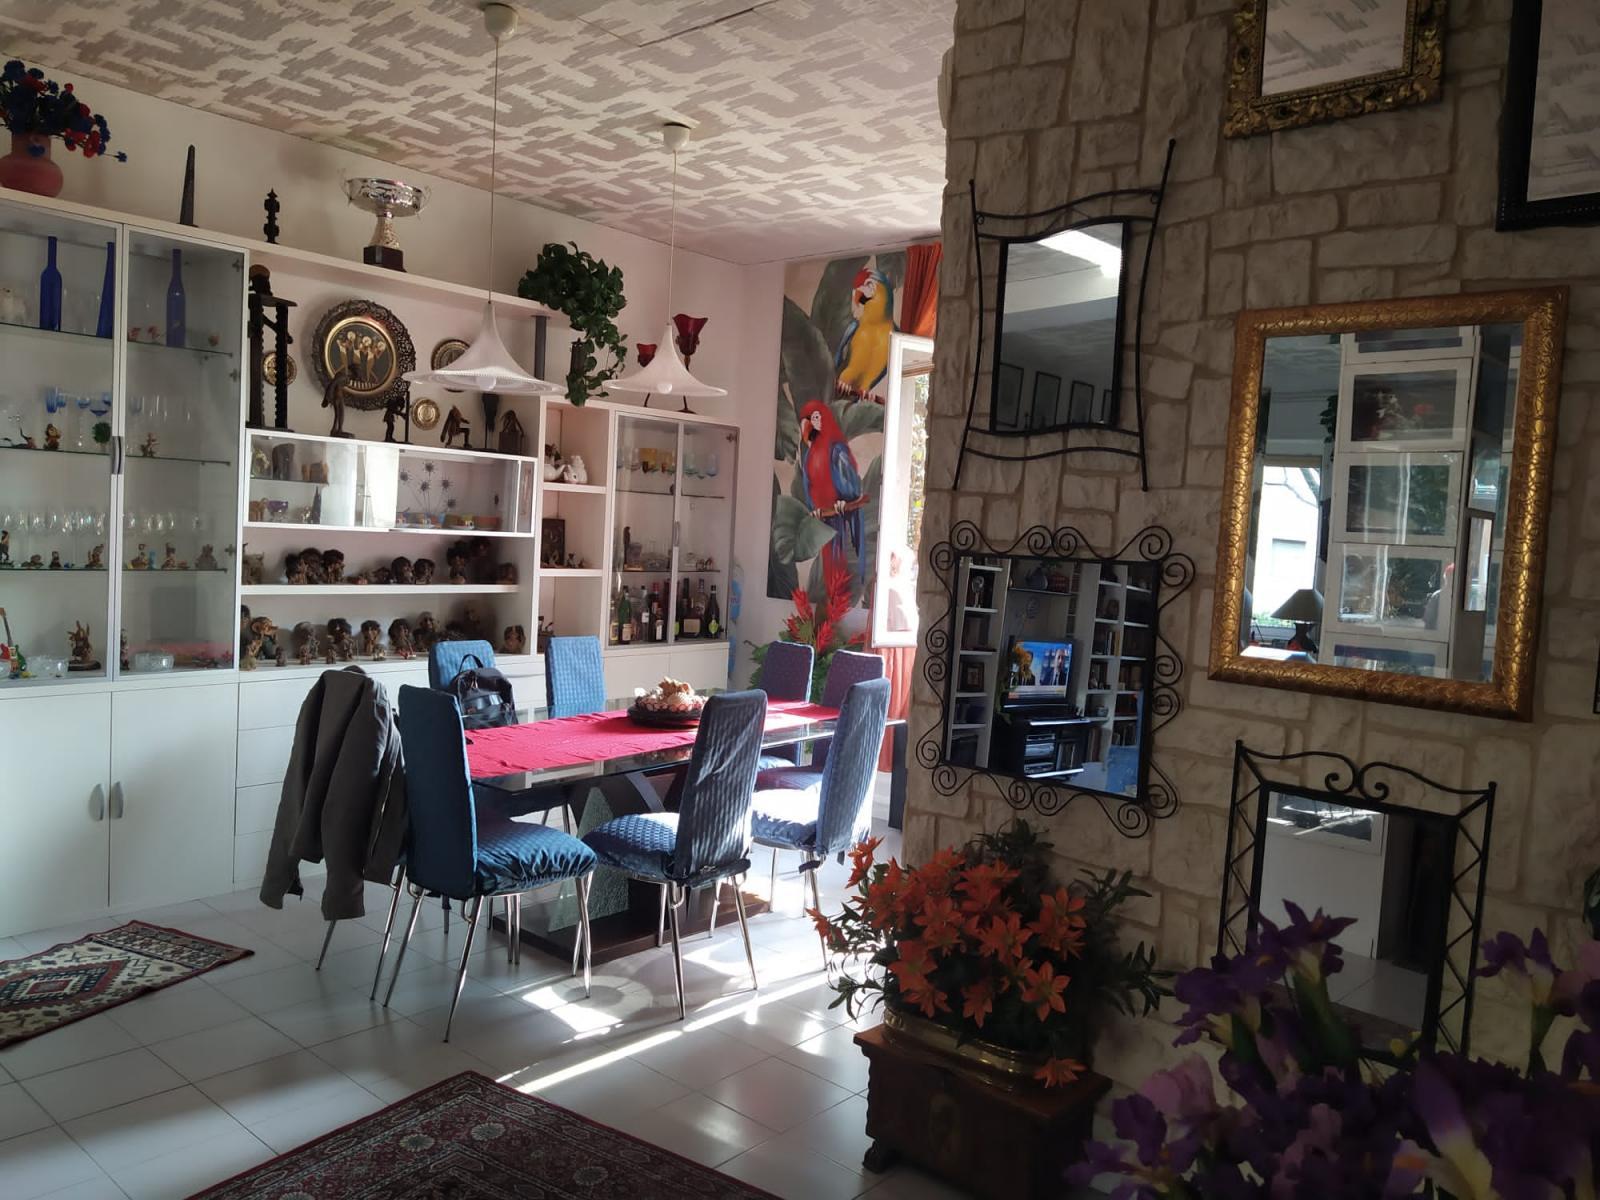 appartamento-in-vendita-a-milano-bagio-3-locali-via-cabella-spaziourbano-immobiliare-vende-6